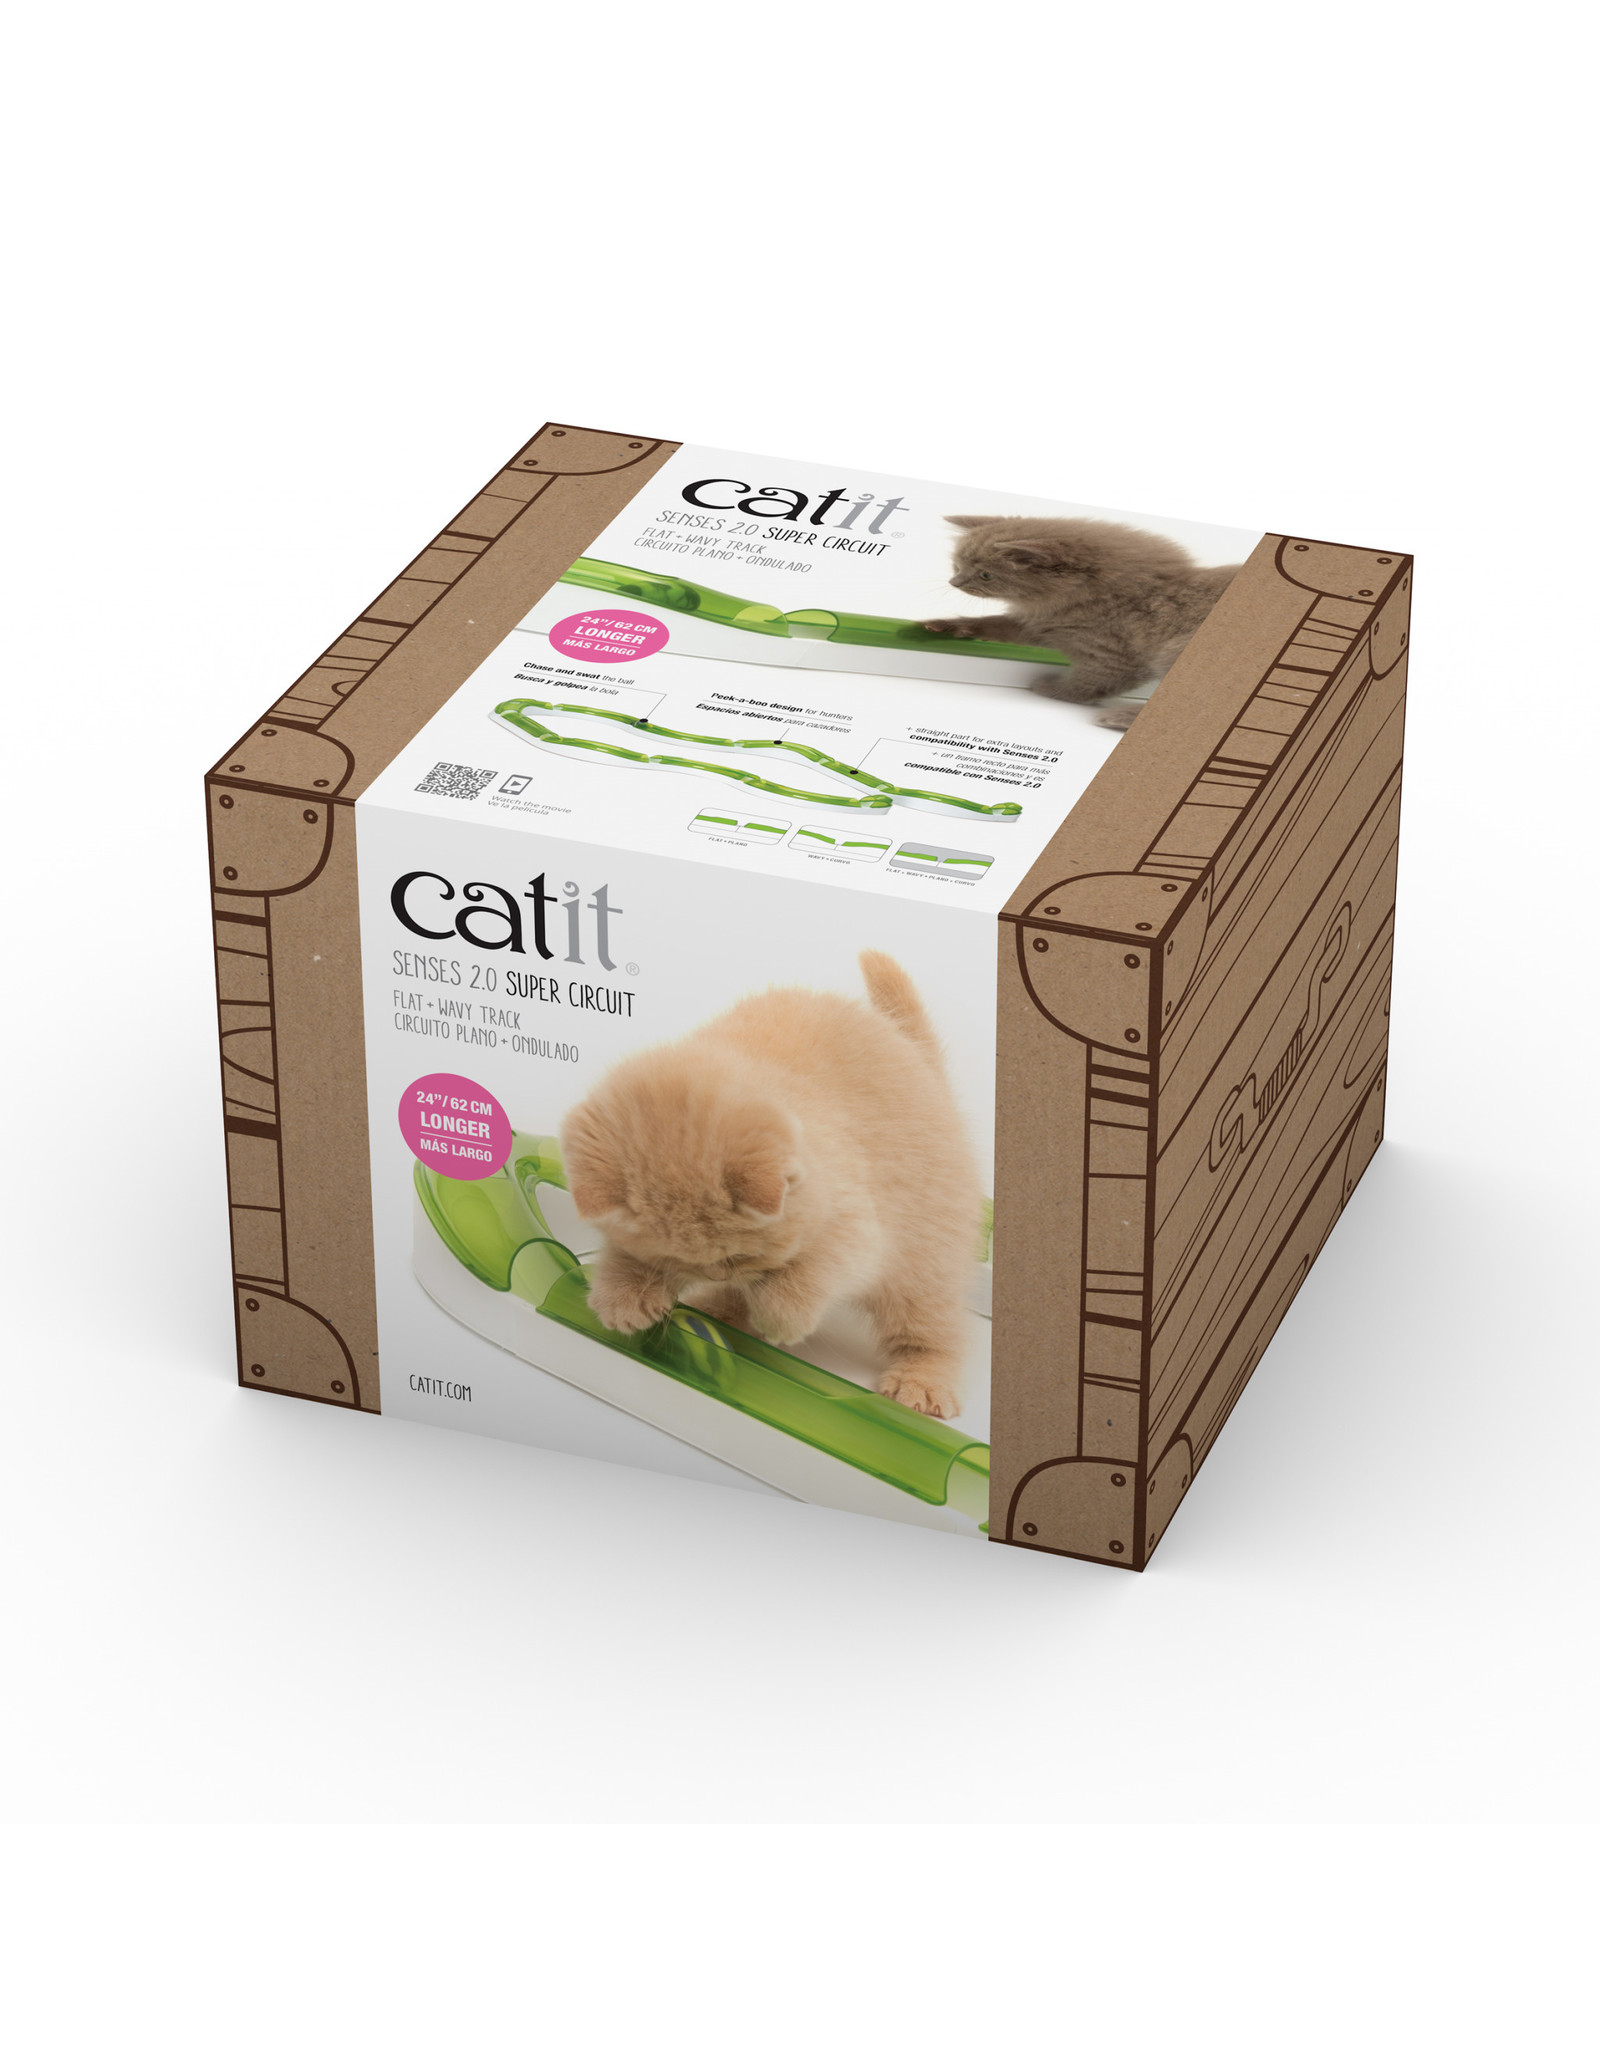 CT - Catit 2.0 CA Senses 2.0 Super Circuit